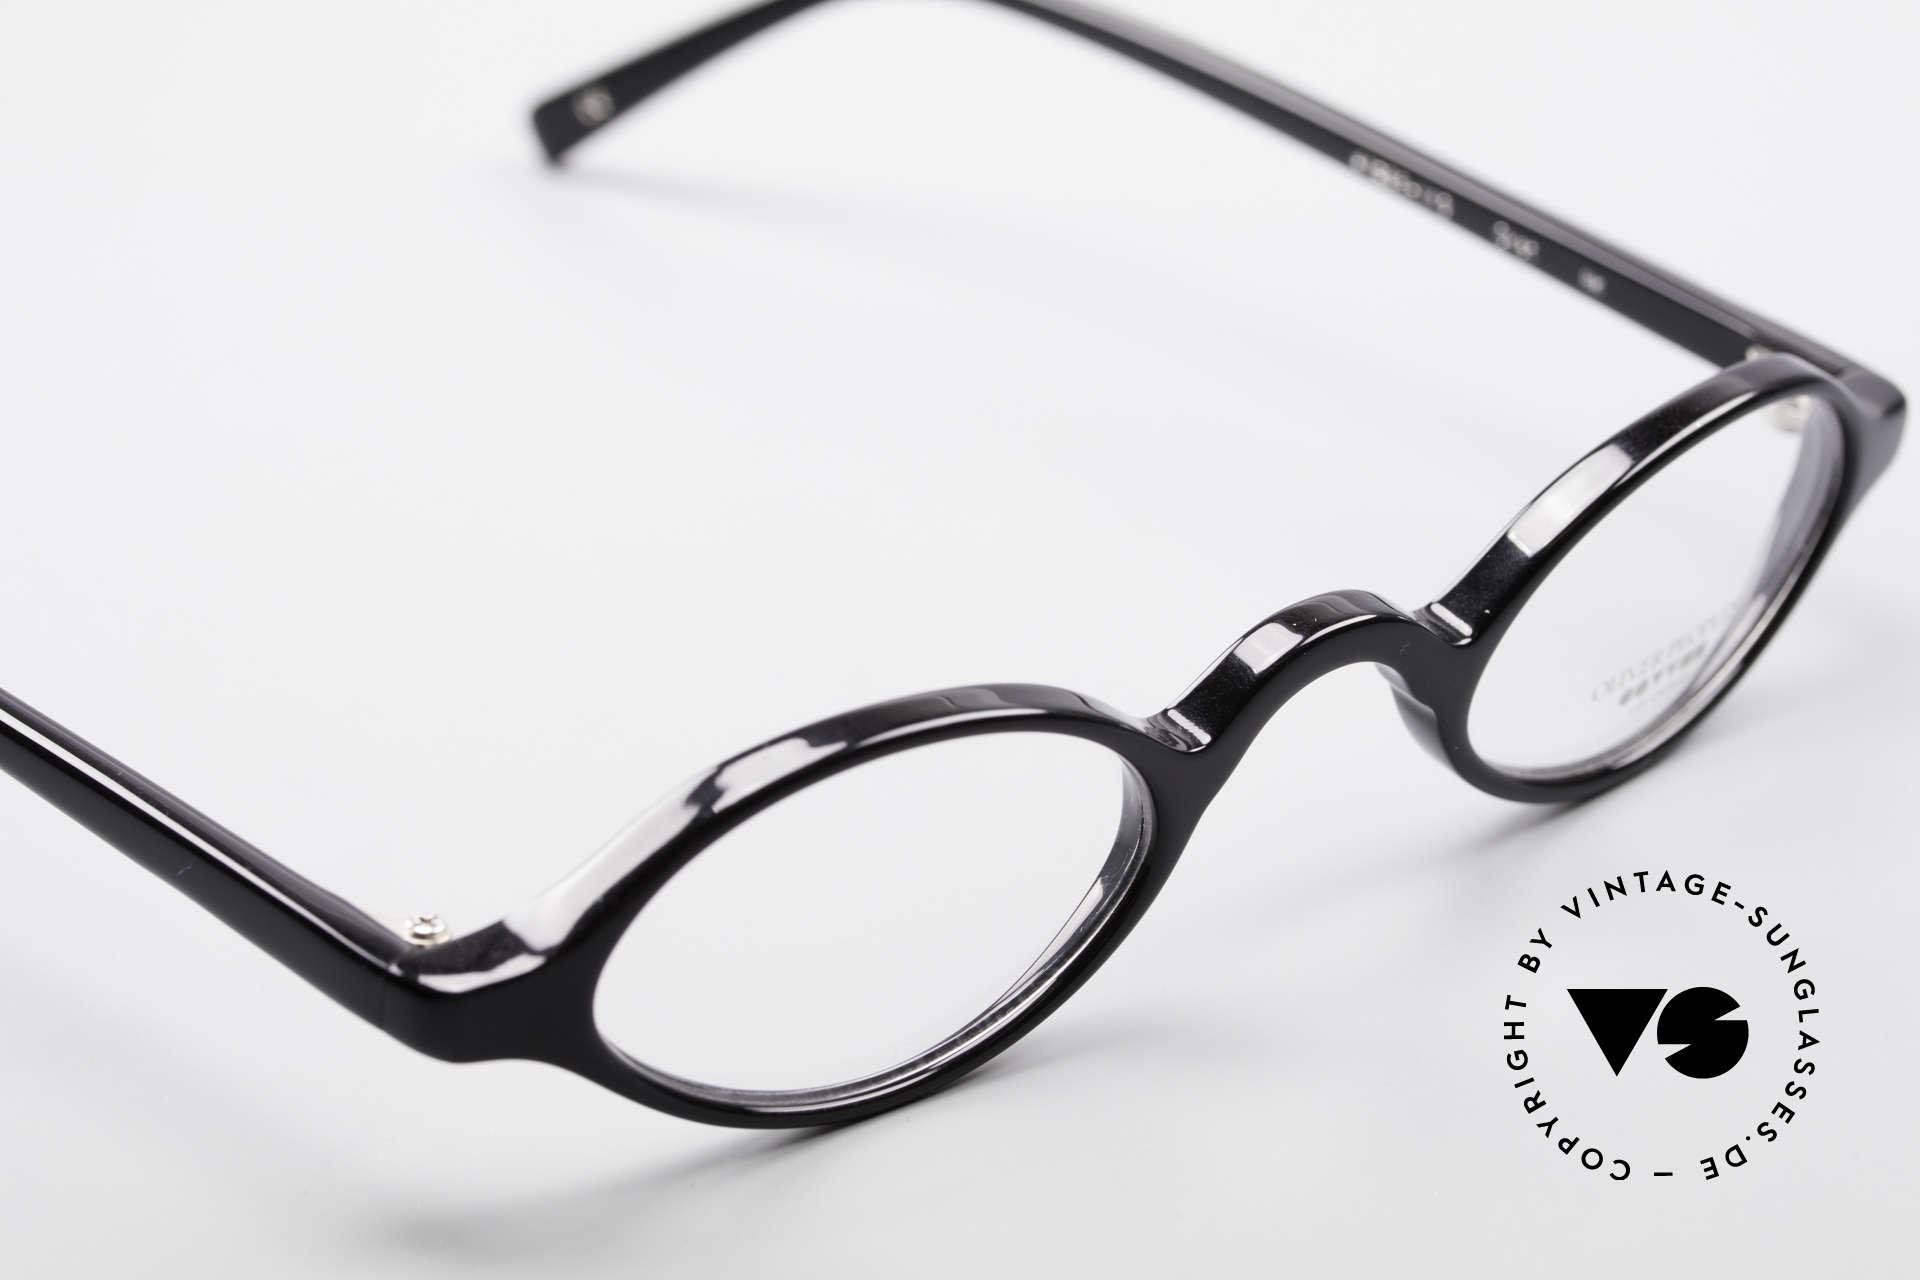 Oliver Peoples Skat Kleine Ovale Designer Brille, KEINE Retrobrille, sondern ein 20 Jahre altes Original, Passend für Herren und Damen